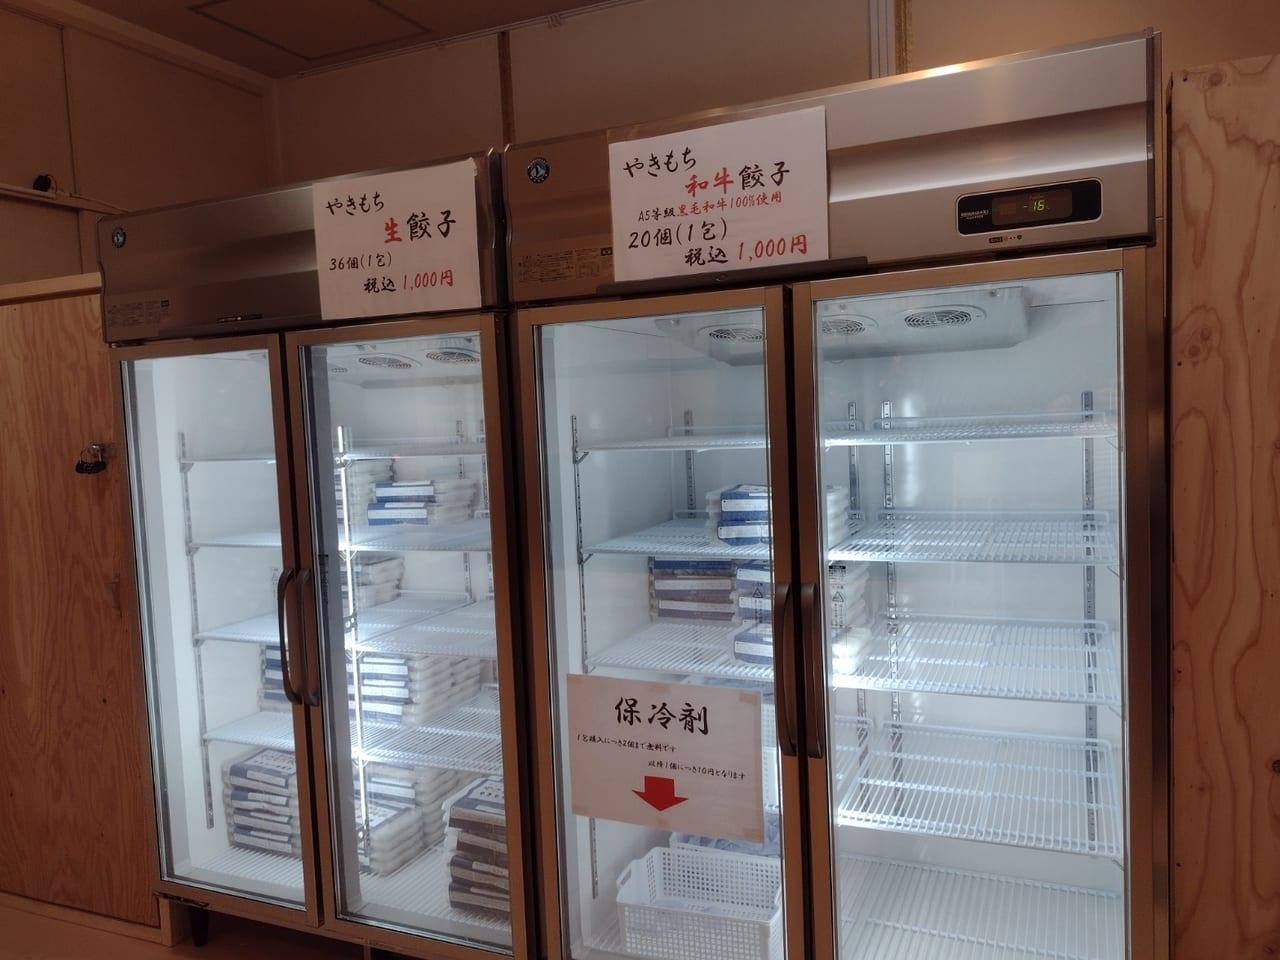 やきもち餃子冷凍庫